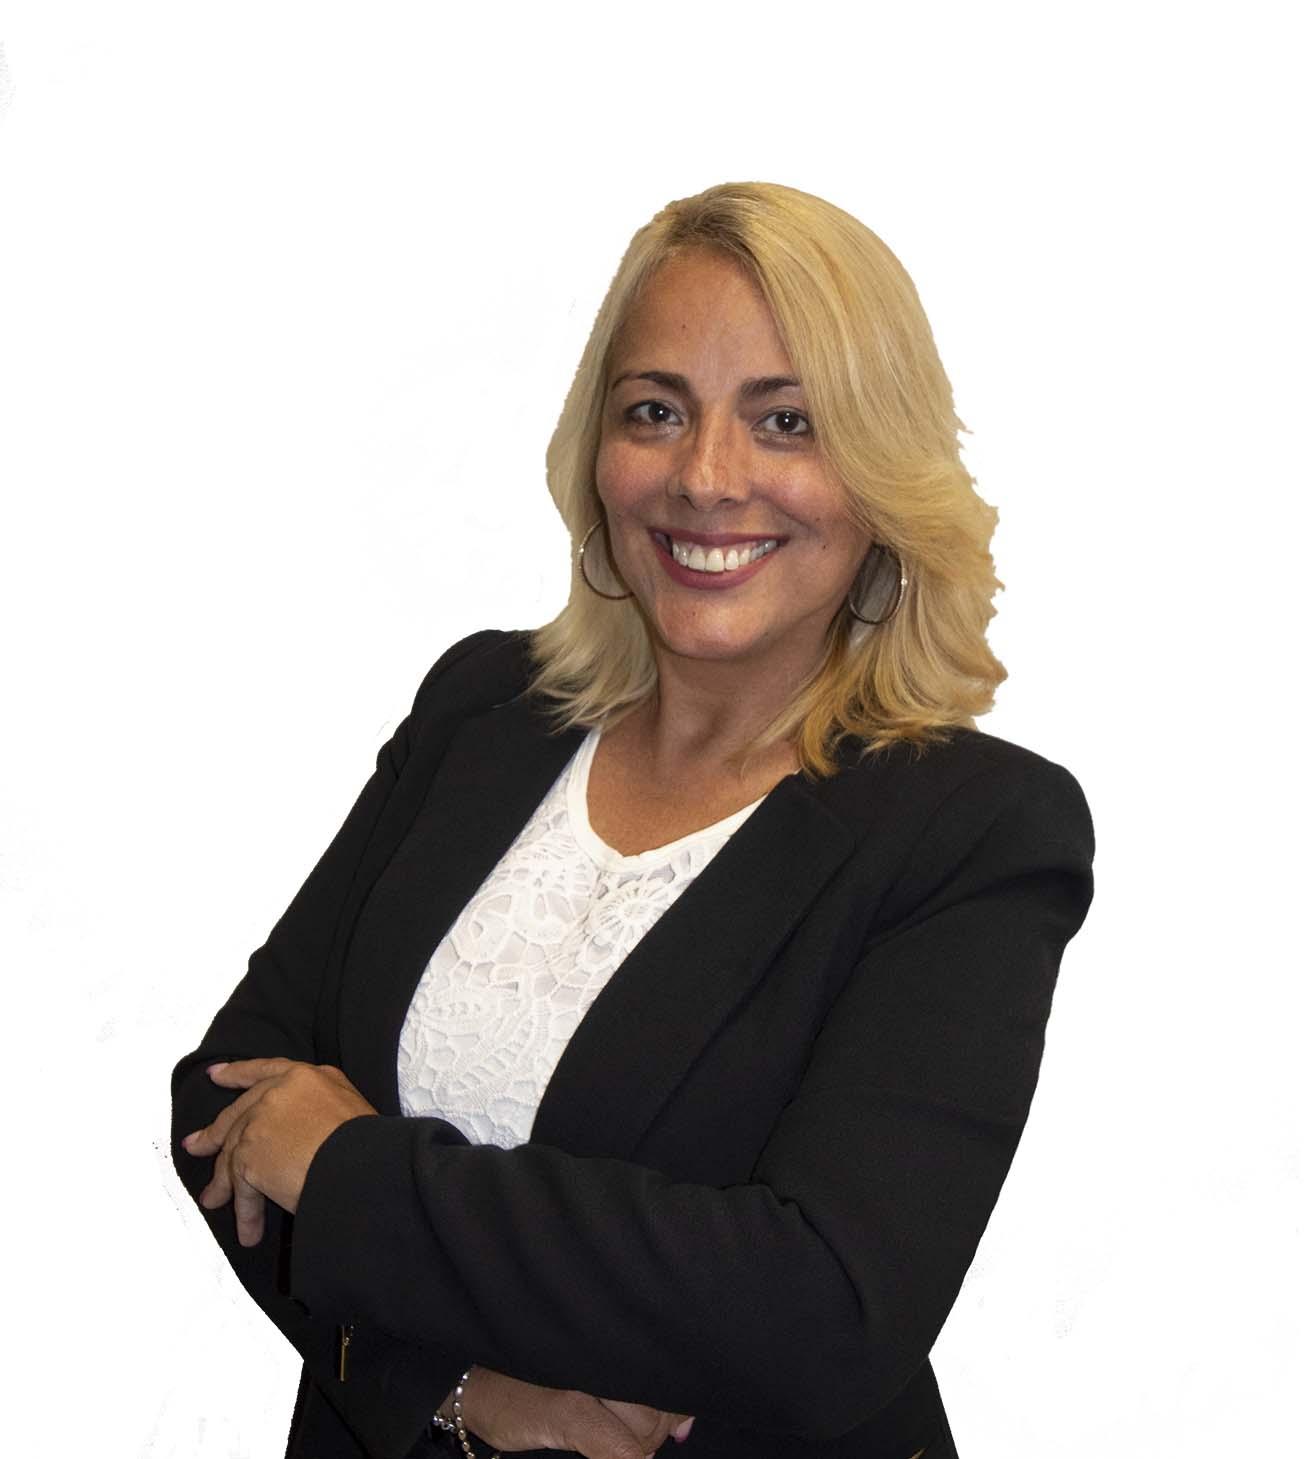 Jana Gomes